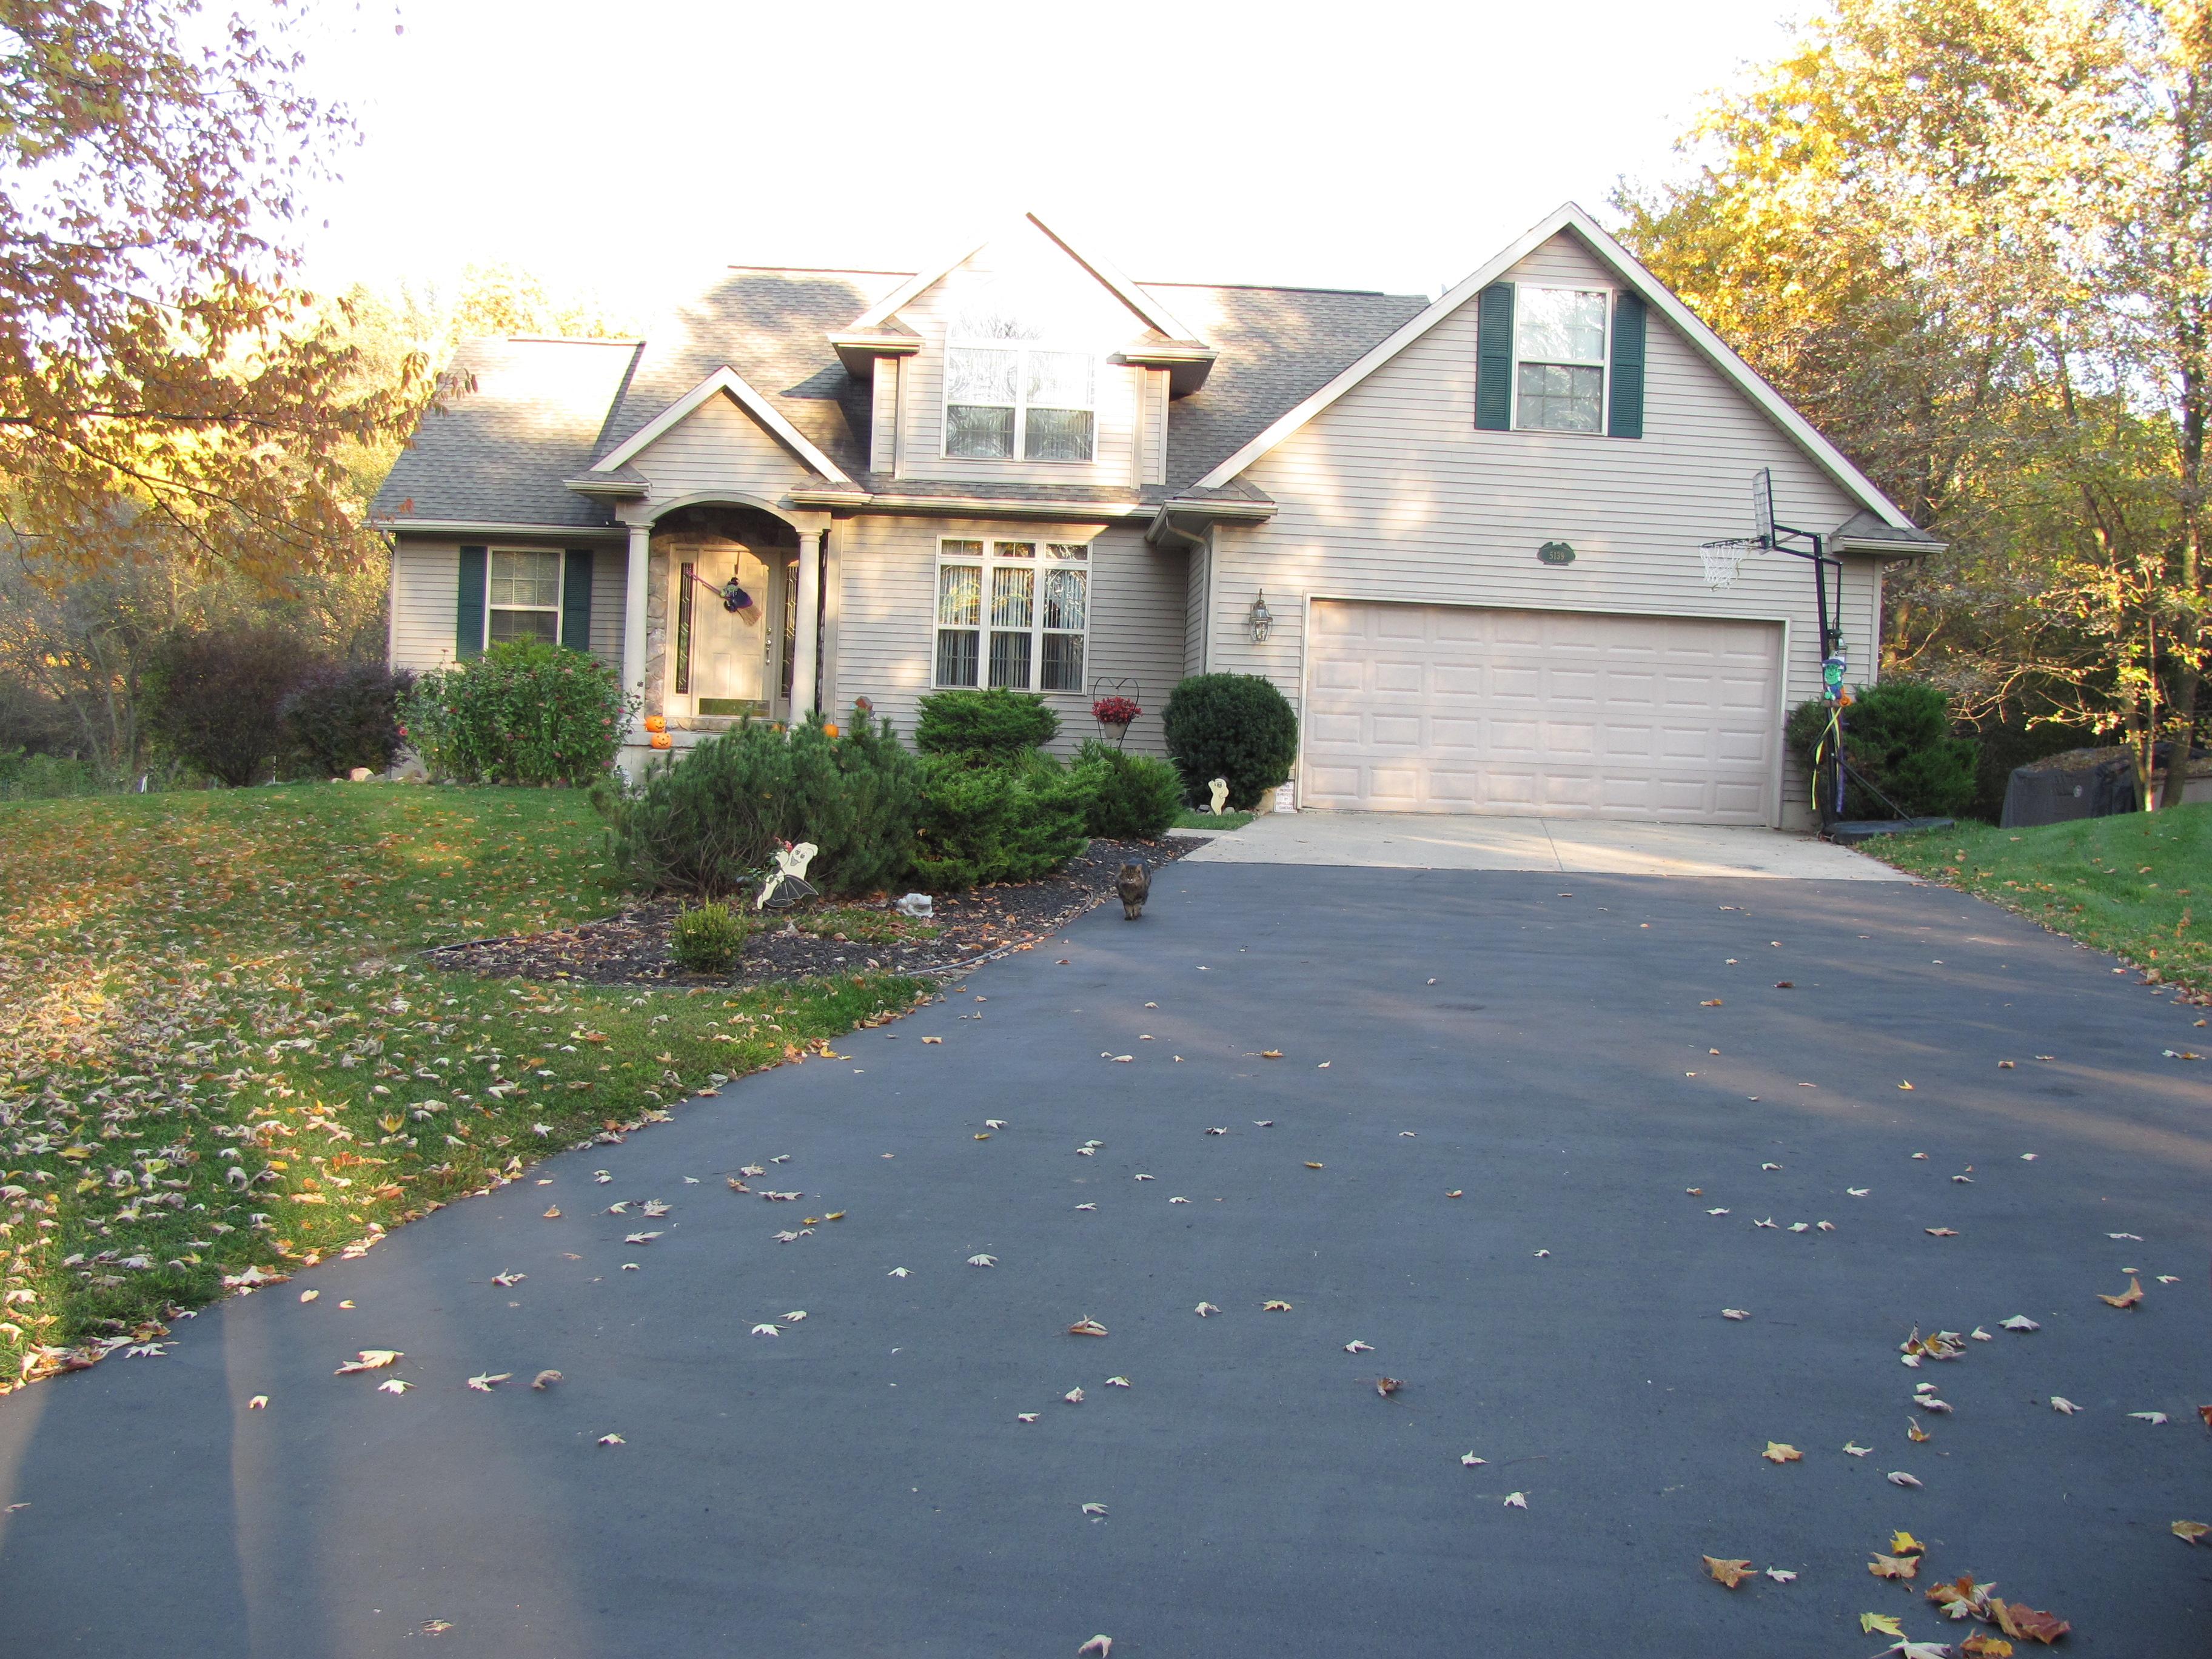 houses 014.JPG?1318998757119